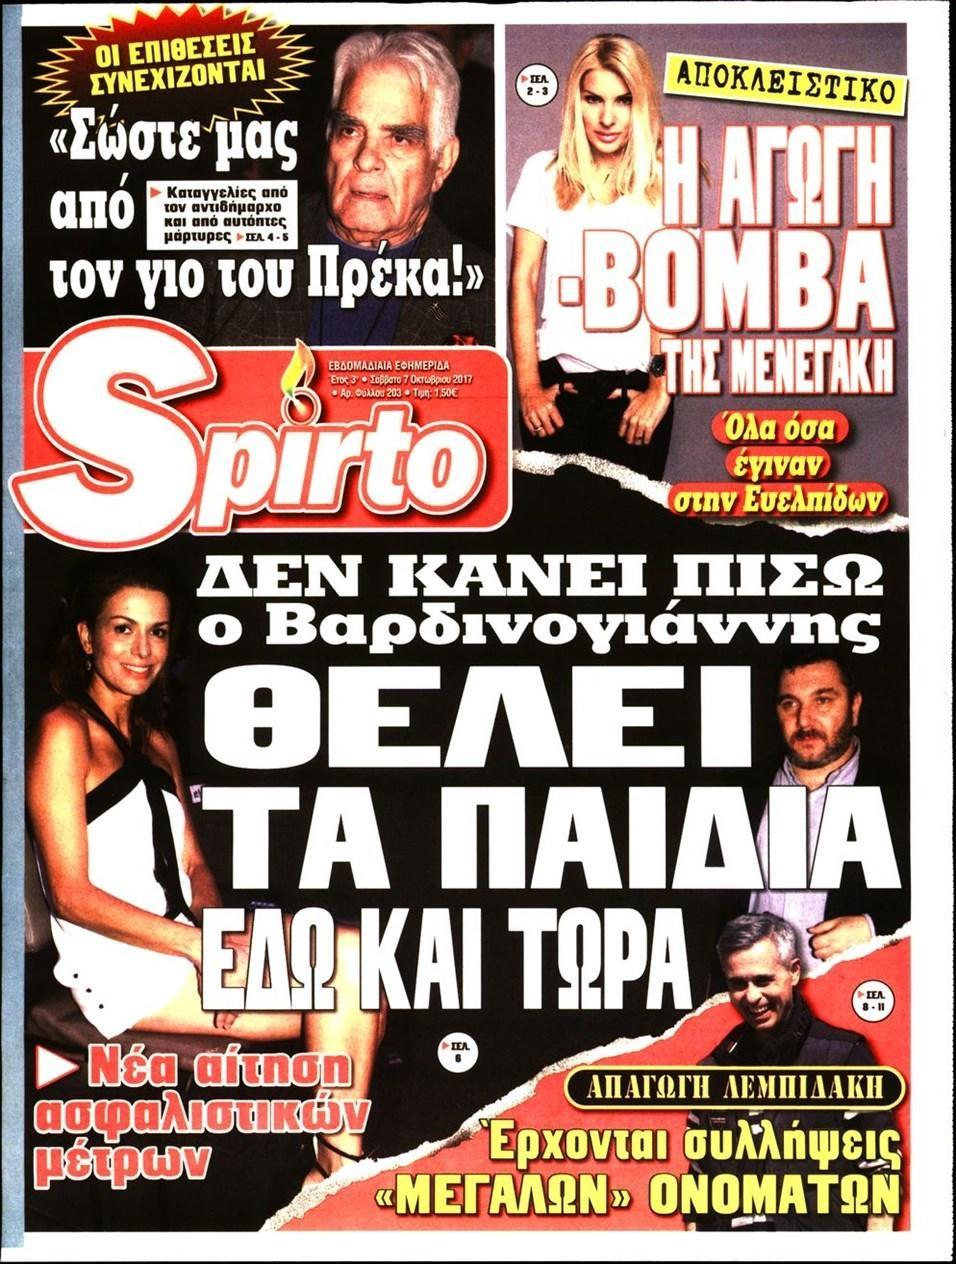 Πρωτοσέλιδο εφημερίδας Spirto